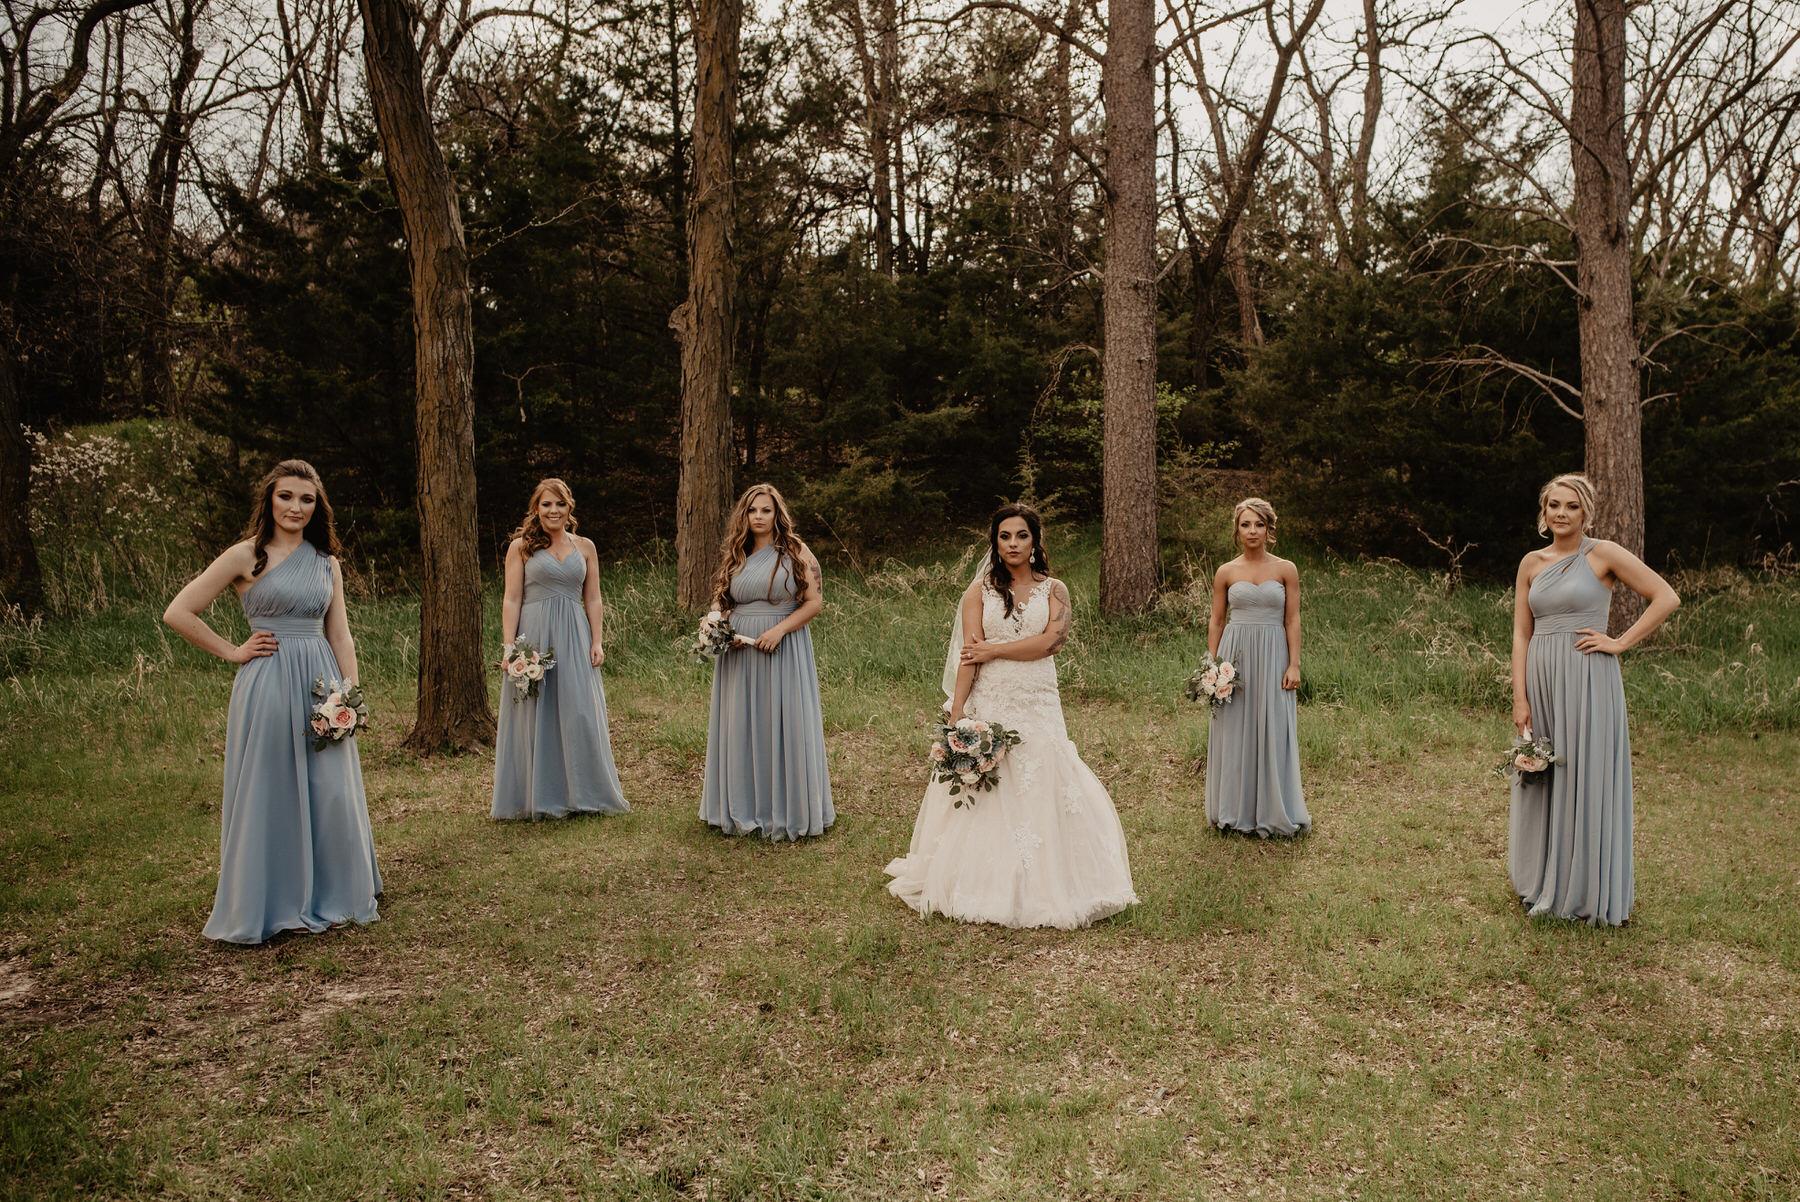 Kaylie-Sirek-Photography-Kearney-Nebraska-Wedding-064.jpg